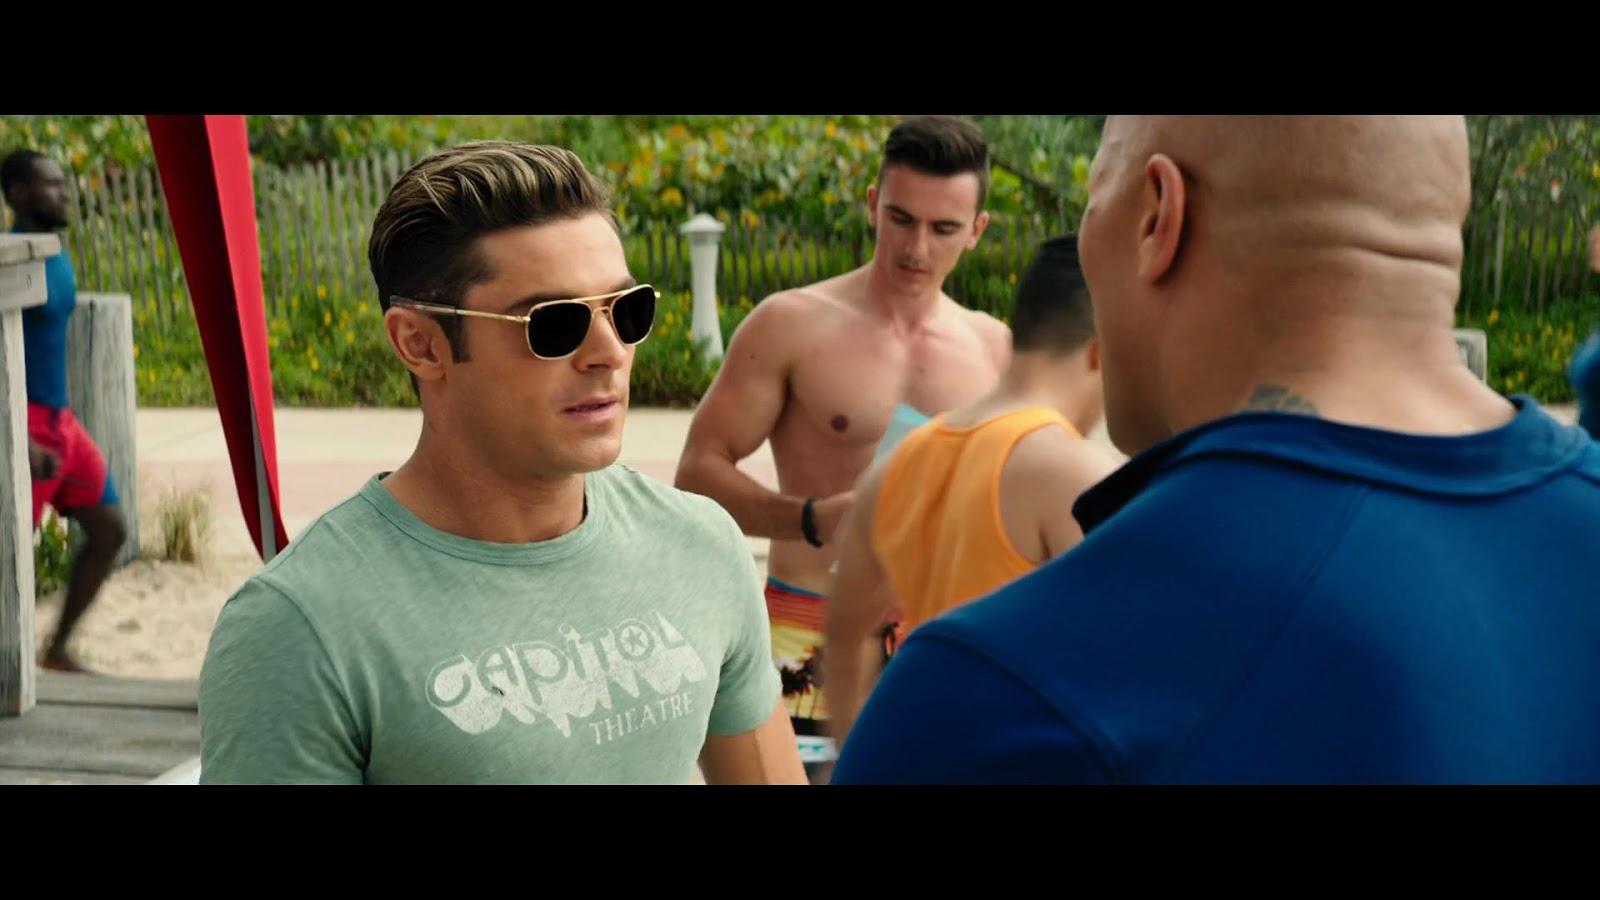 Baywatch Guardianes de la Bahía (2017) Full HD 1080p Latino - Ingles captura 1